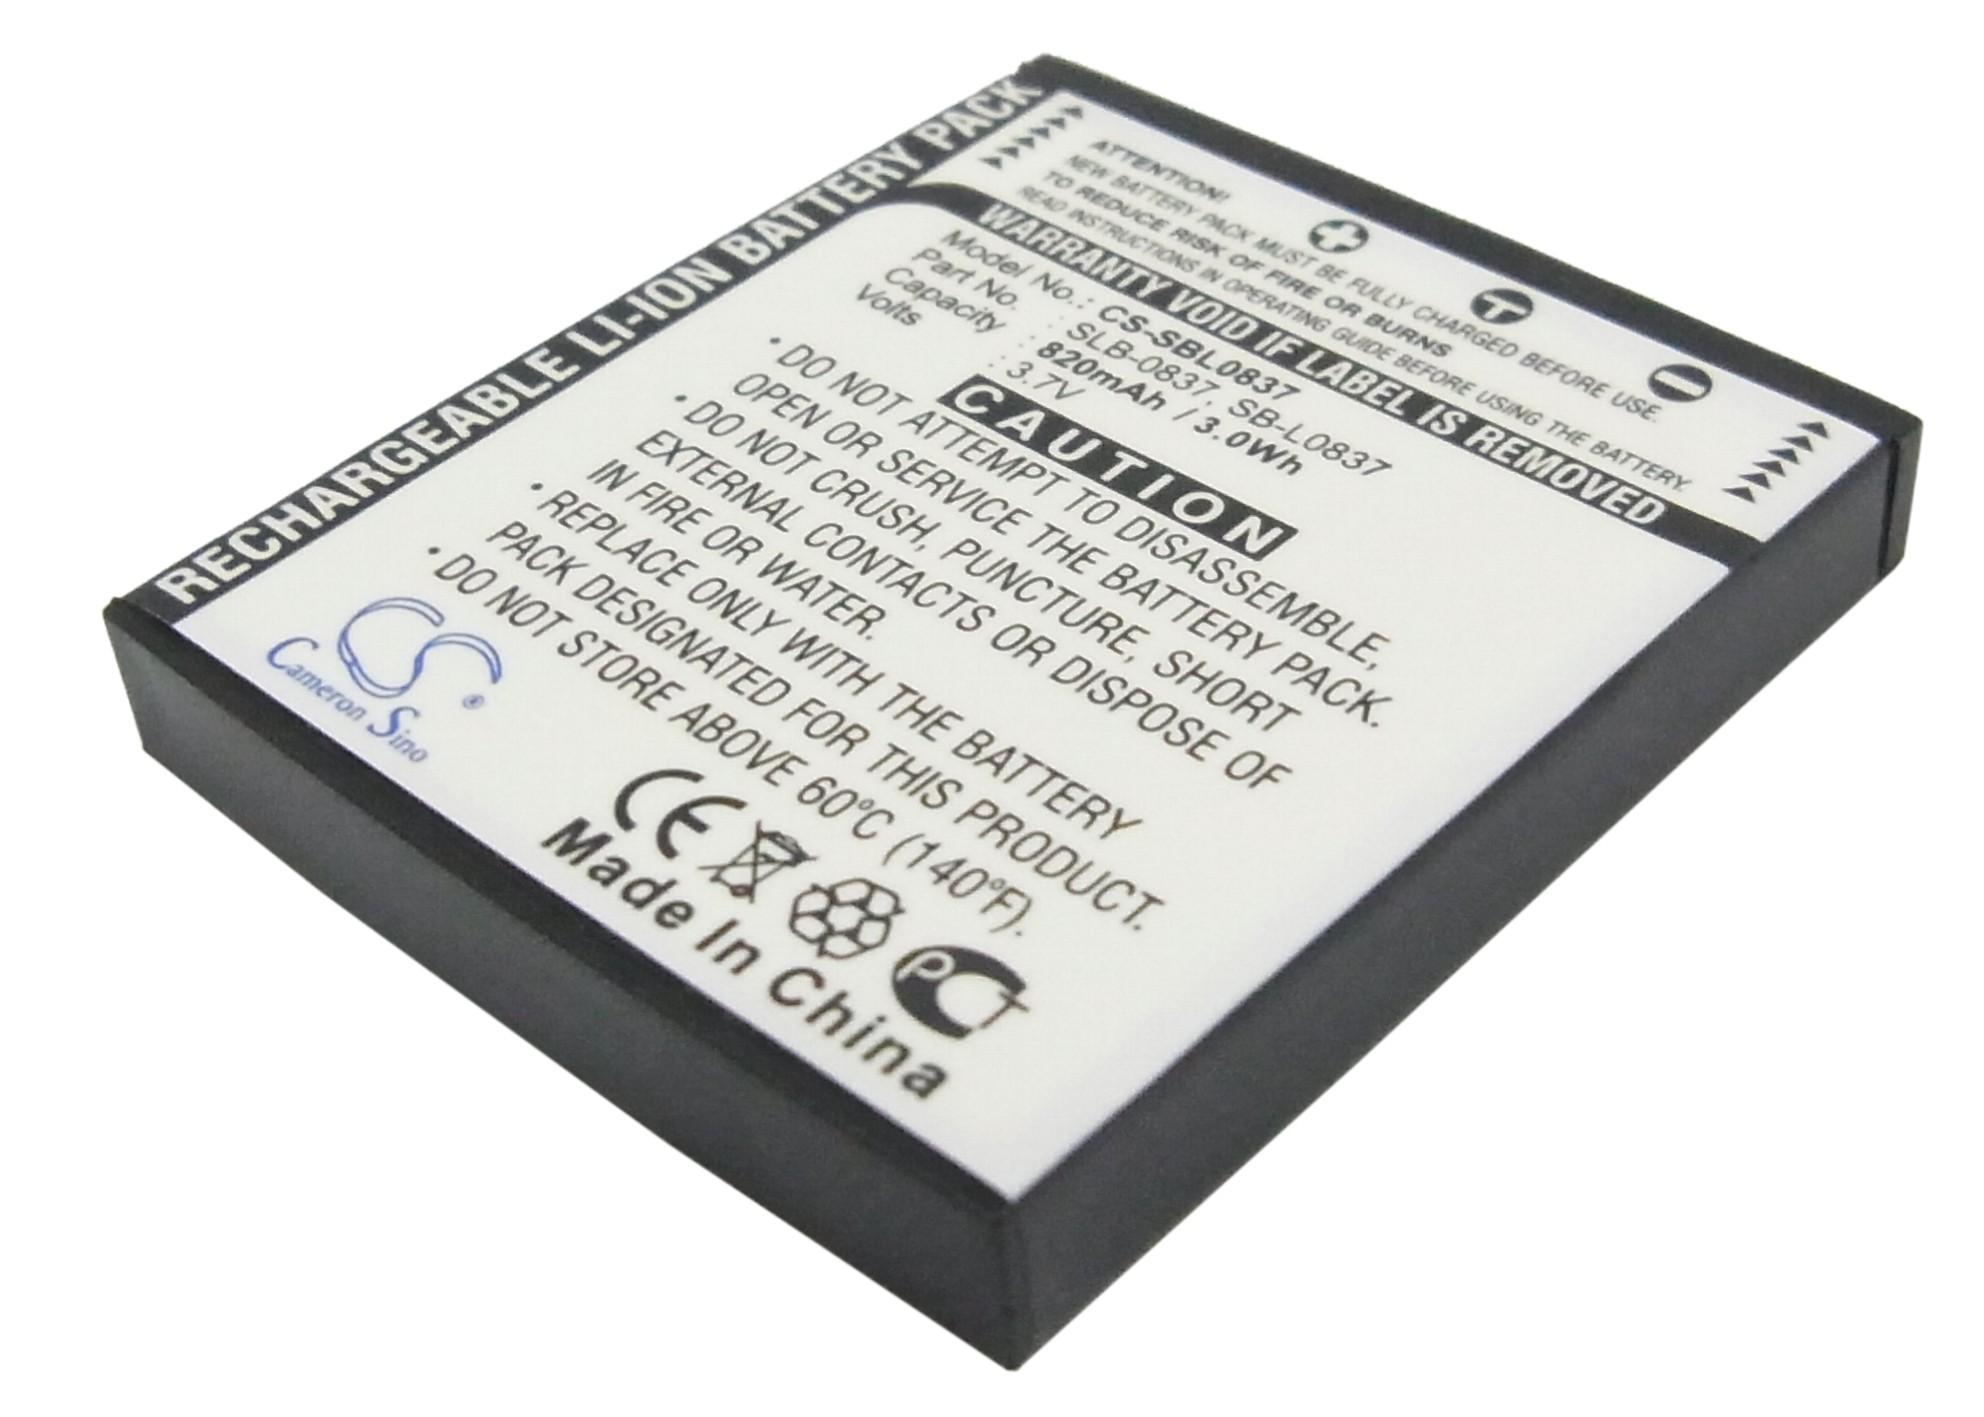 Cameron Sino baterie do kamer a fotoaparátů pro SAMSUNG Digimax i50 3.7V Li-ion 820mAh šedá - neoriginální